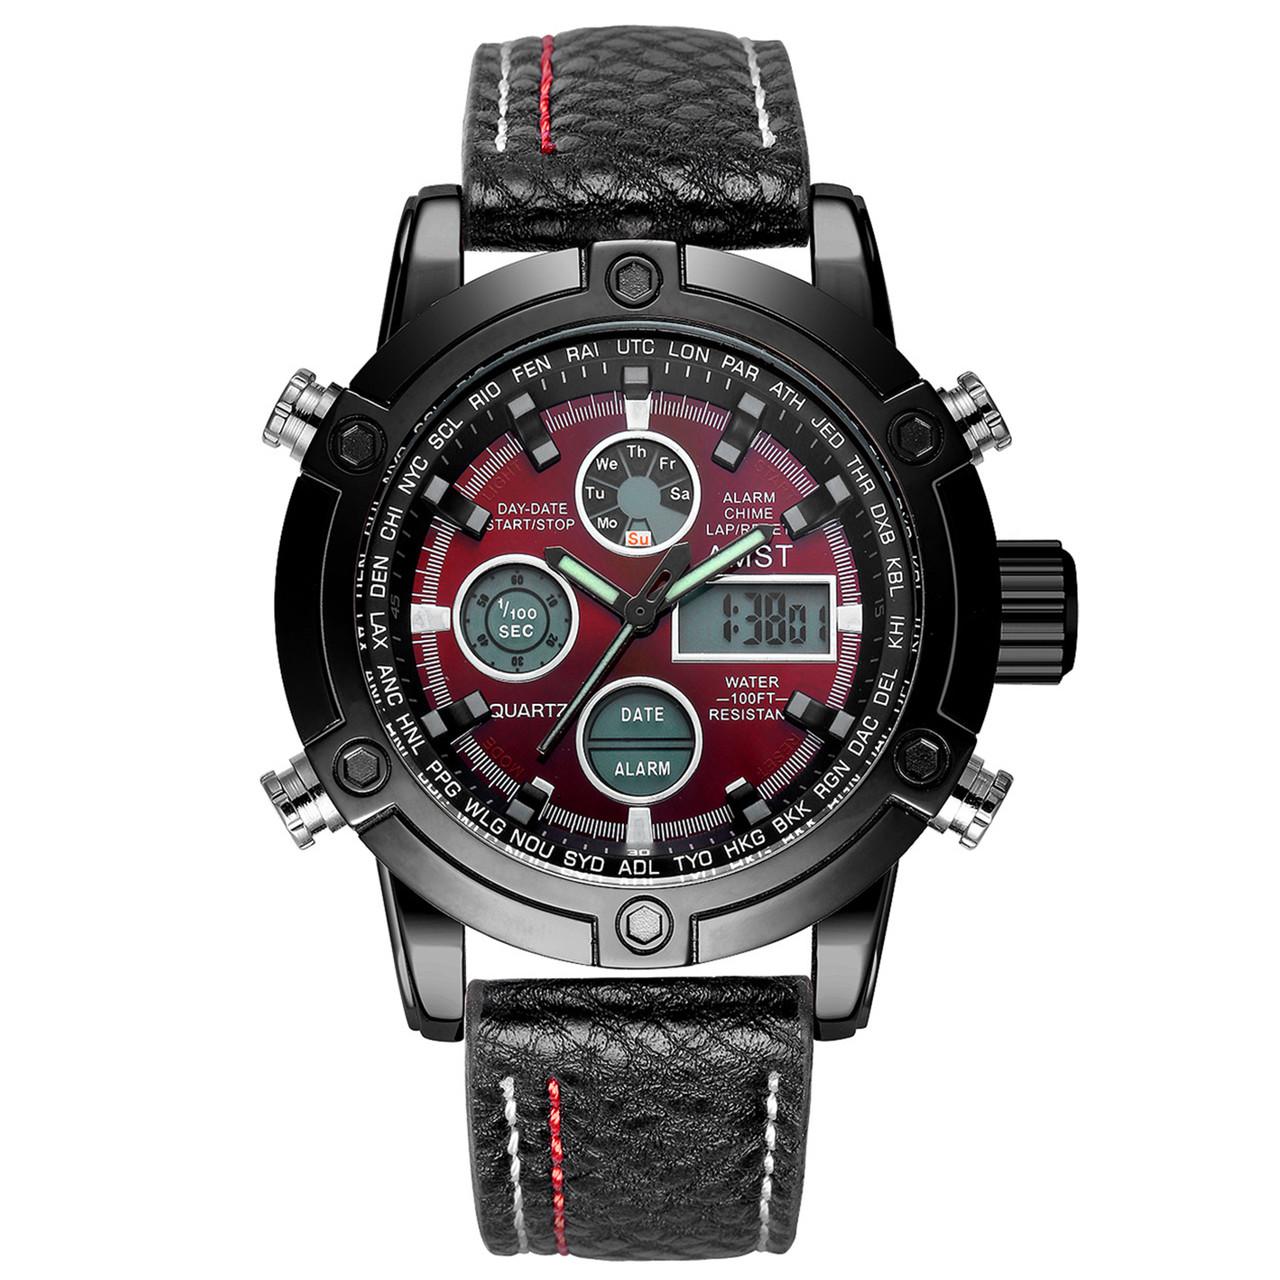 Мужские наручные часы AMST 3022 Fluted Wristband Black-Red